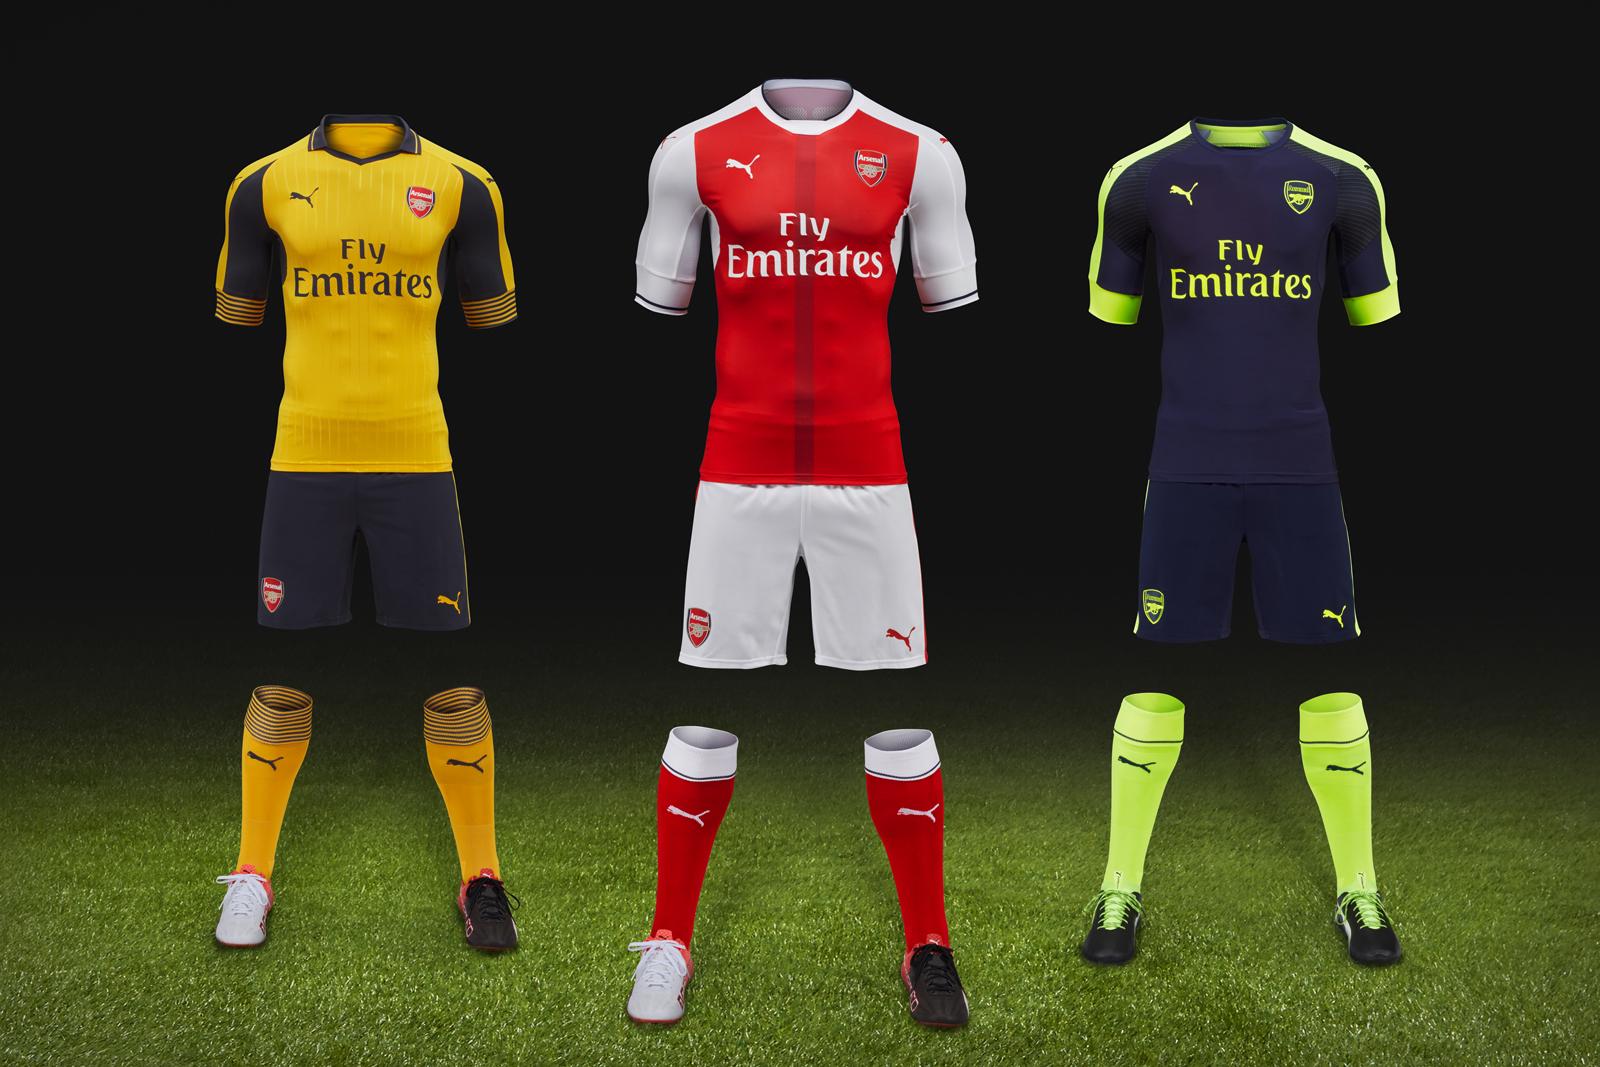 PUMA Debuts Arsenal's New Away and Third Kits for the Upcoming Season